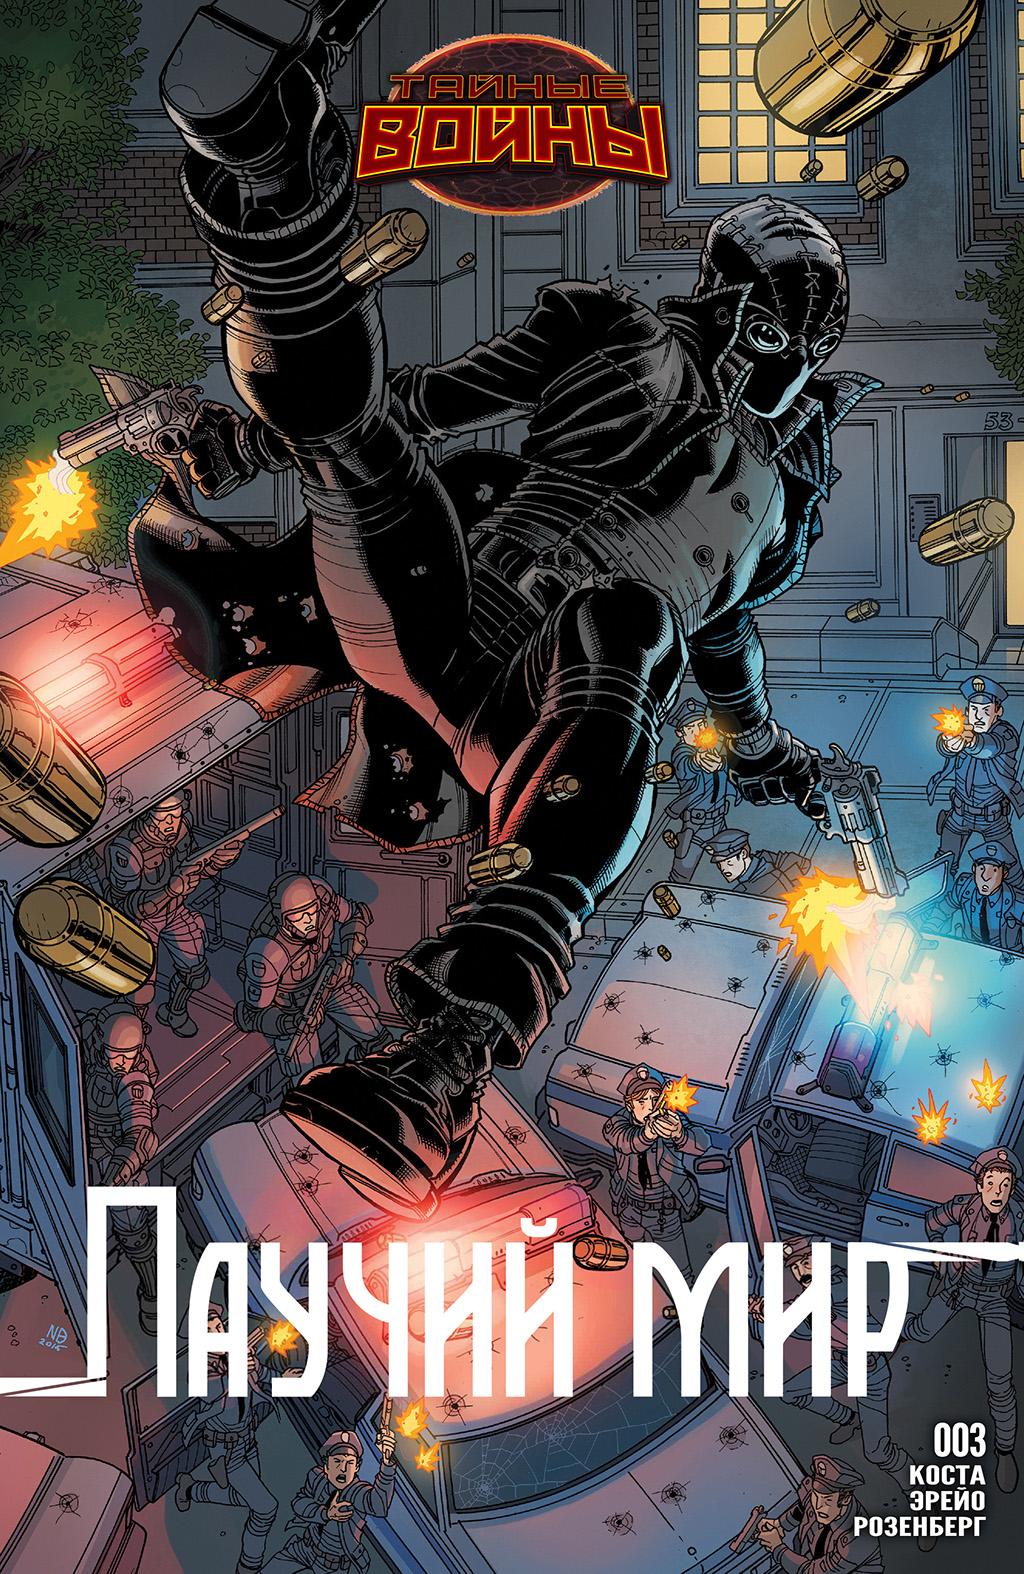 Комикс Тайные Войны: Паучий мир